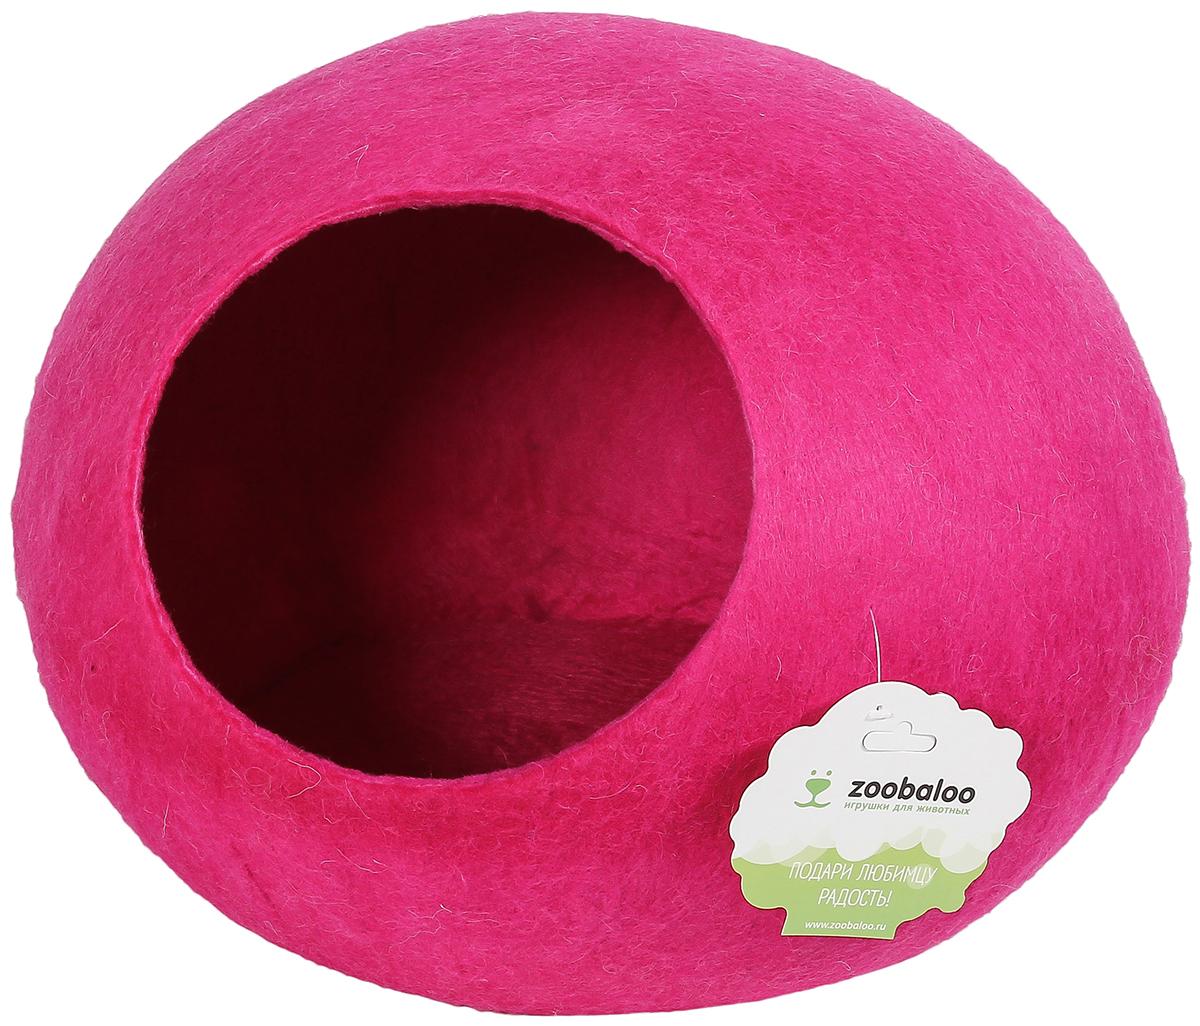 Домик-слипер для животных Zoobaloo WoolPetHouse, цвет: малиновый, размер L968Домик-слипер WoolPetHouse предназначен для отдыха и сна питомца. Домик изготовлен из 100% шерсти мериноса. Это невероятное творение дизайнеров обещает быть хитом сезона! Производитель учел все особенности животного сна: форма, цвет, материал этих домиков - всё подобрано как нельзя лучше! В них ваши любимцы будут видеть только цветные сны. Шерсть мериноса обеспечит превосходный микроклимат внутри домика, а его форма позволит питомцу засыпать в самой естественной позе.